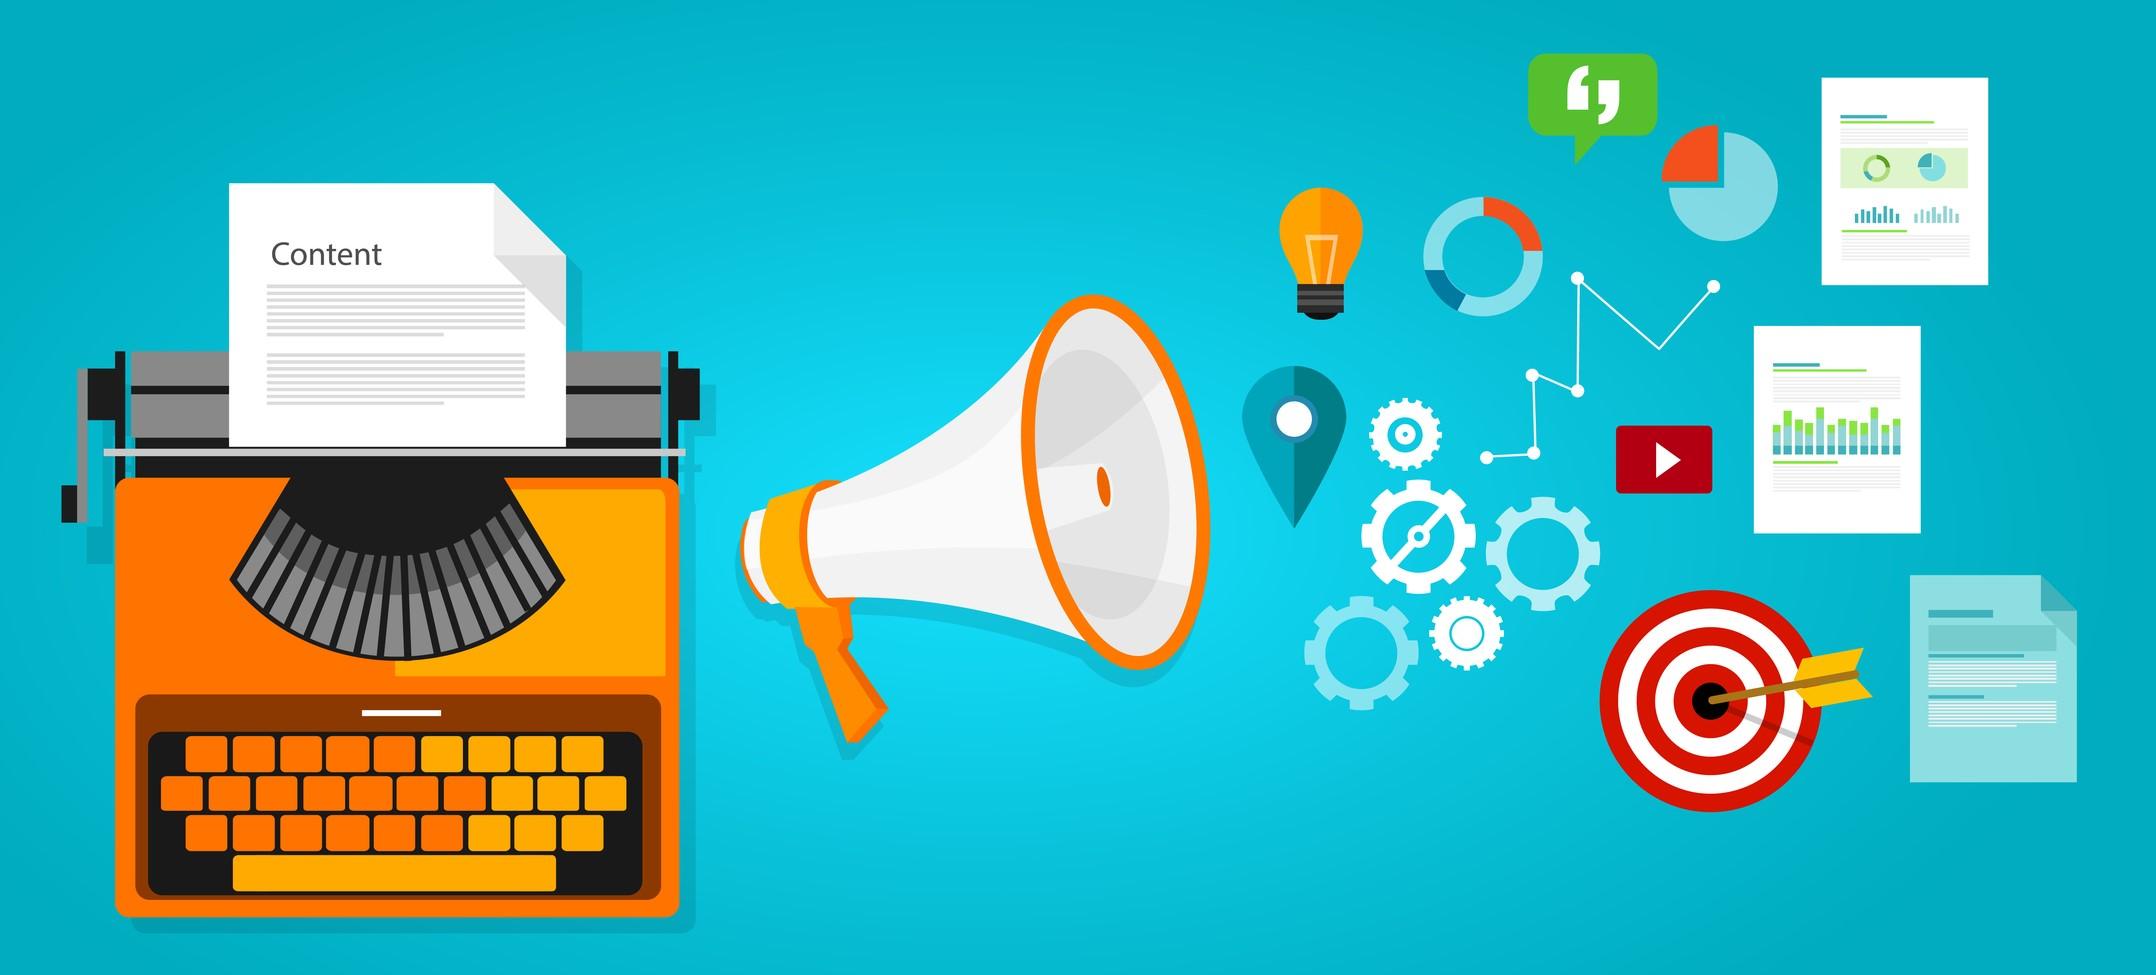 Làm sao phân phối nội dung blog